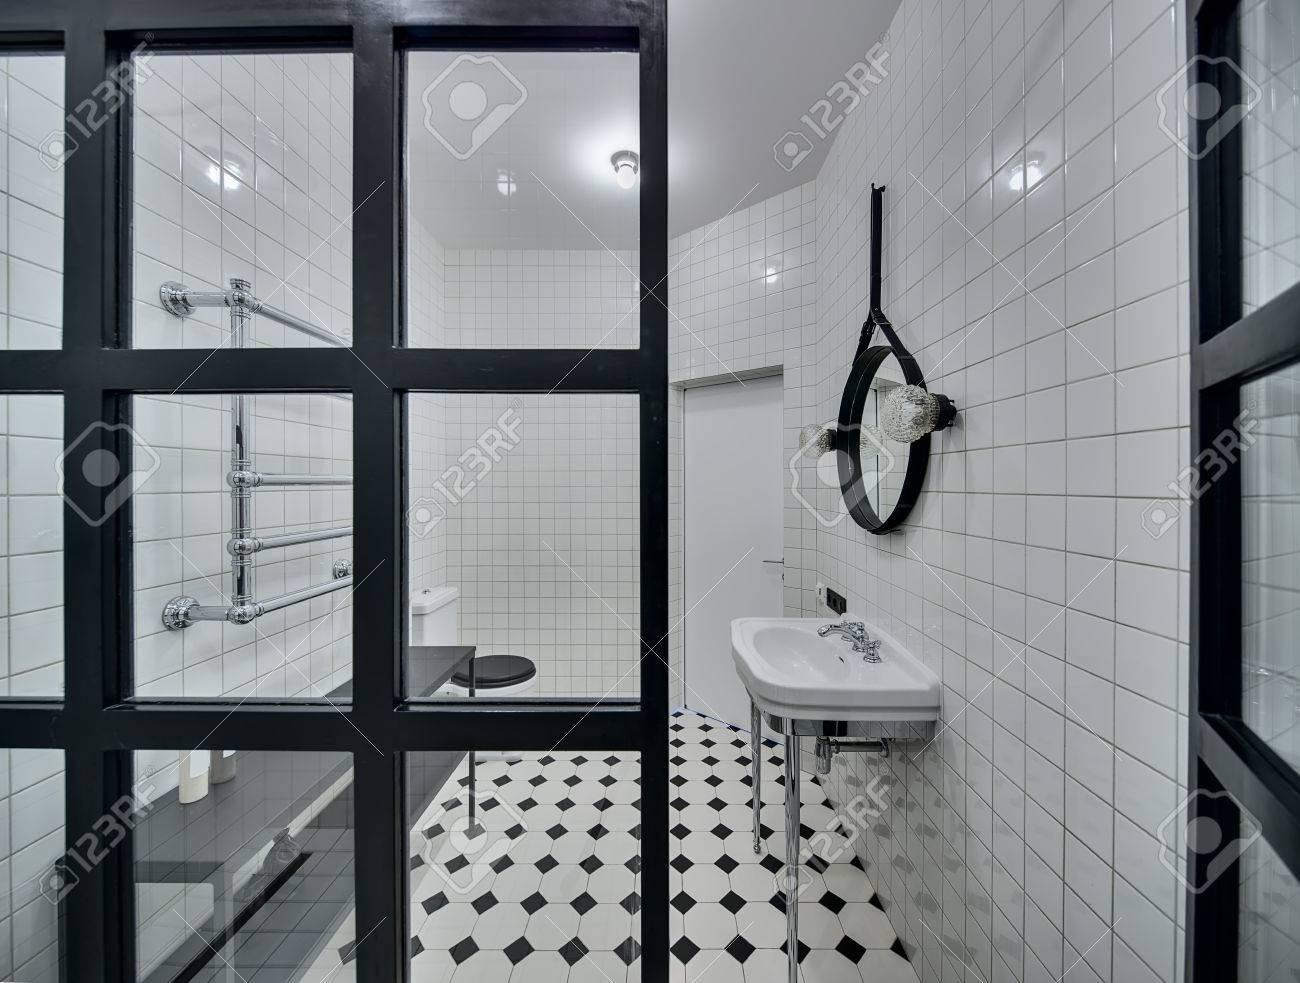 Immagini stock bagno moderno con pareti di piastrelle bianche. cè